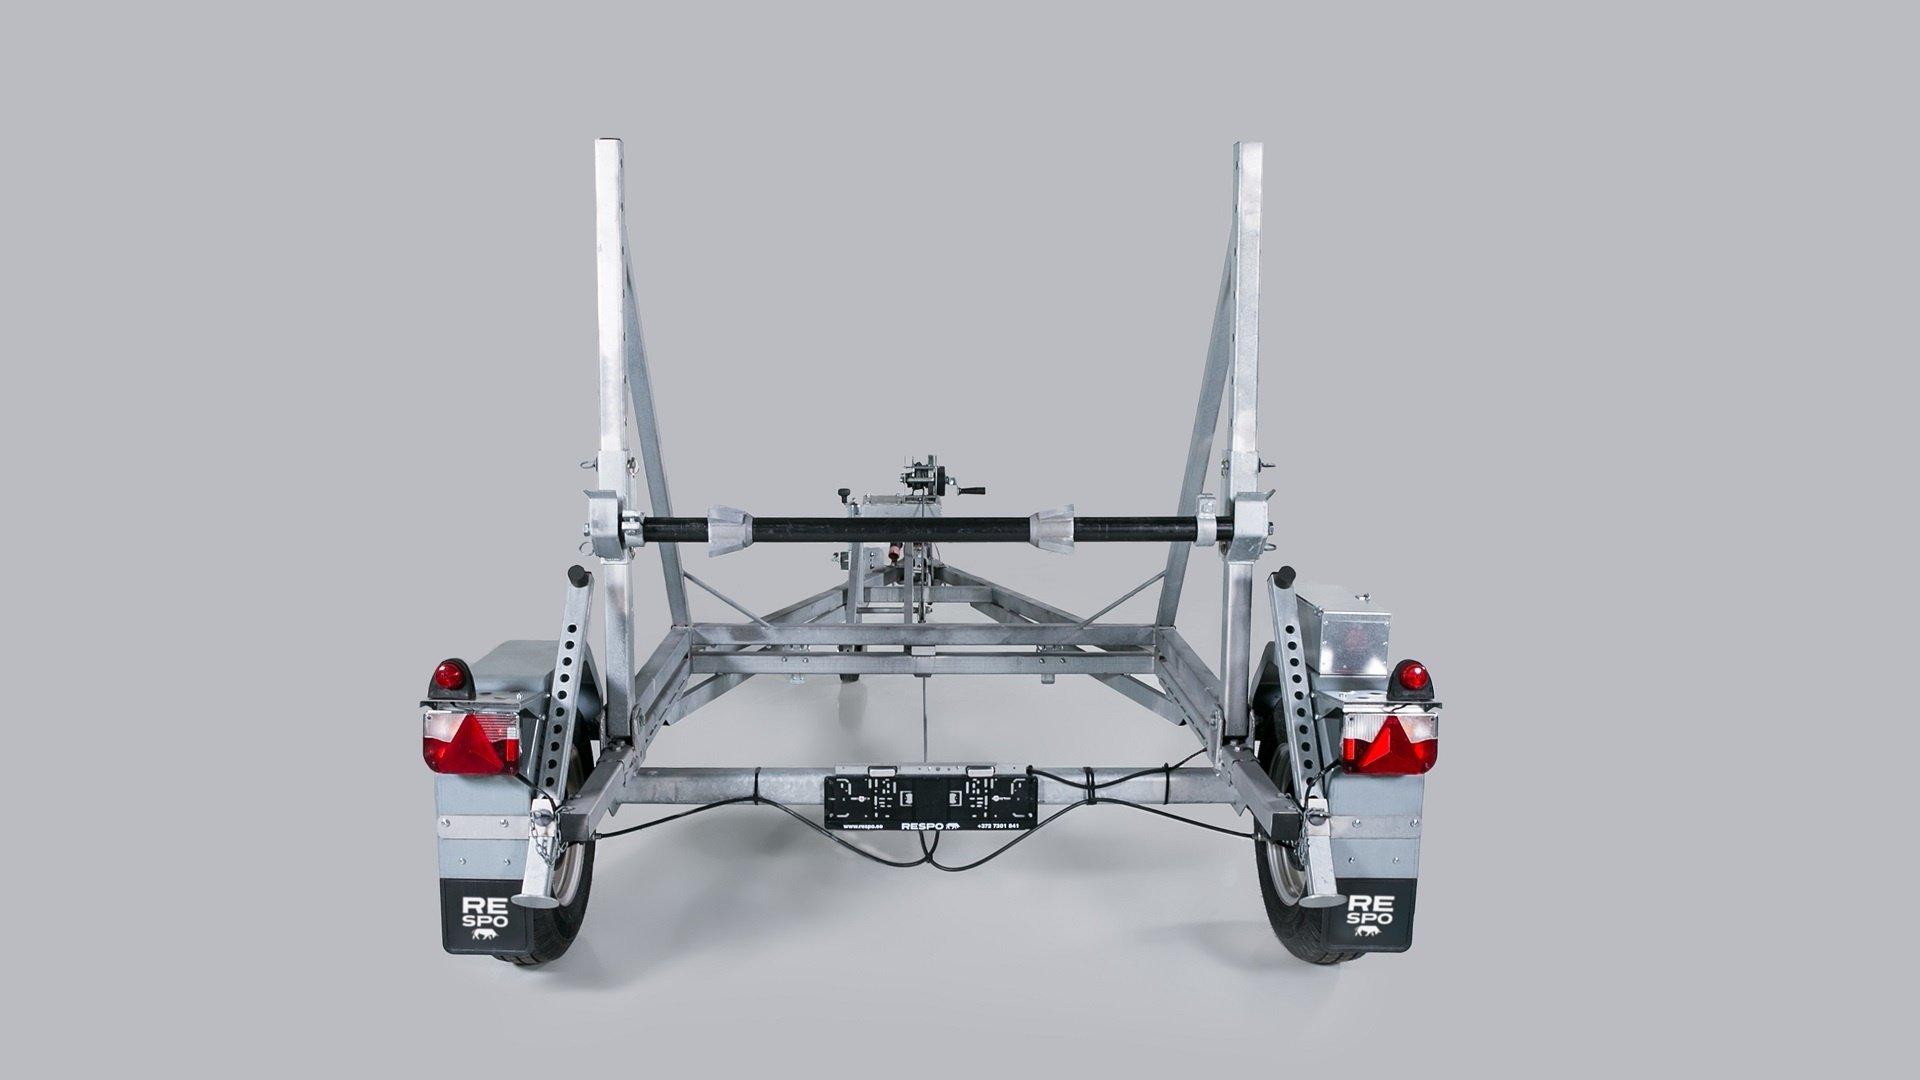 https://0201.nccdn.net/1_2/000/000/10d/ae5/1500S441T210-Cable-drum-trailer_03-1920x1080.jpg